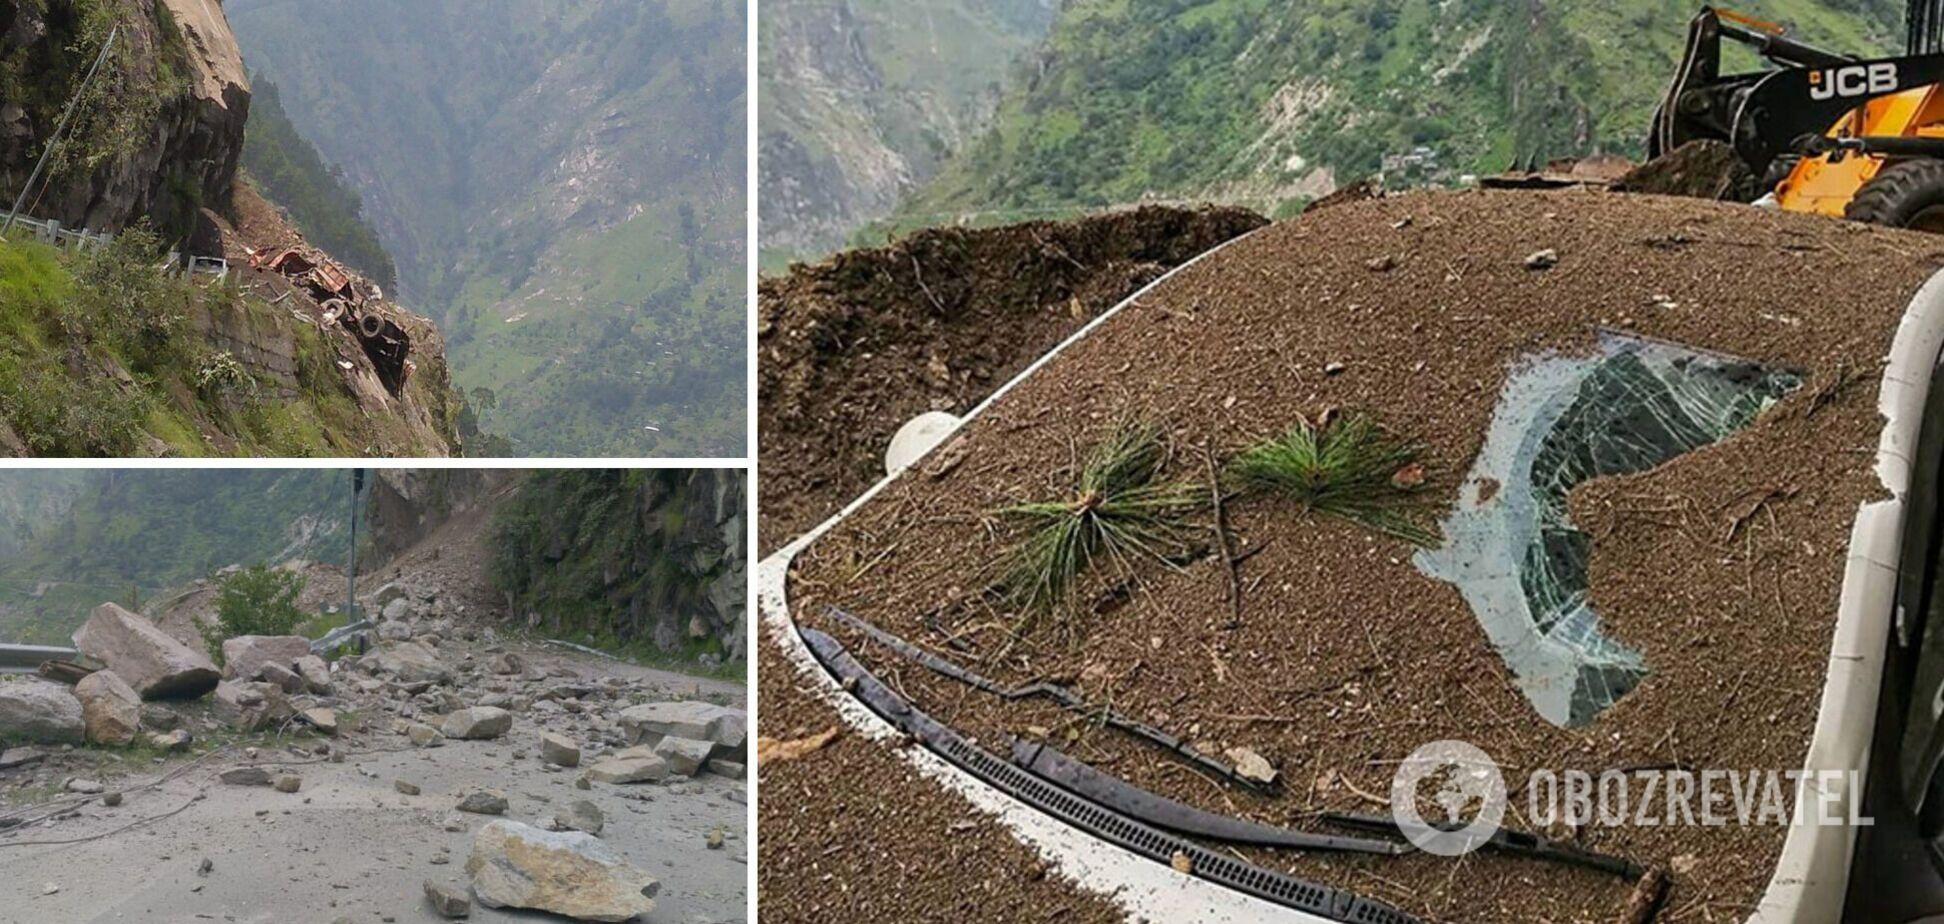 В Індії зсув зійшов на дорогу, є загиблі, десятки людей опинилися під завалами. Фото